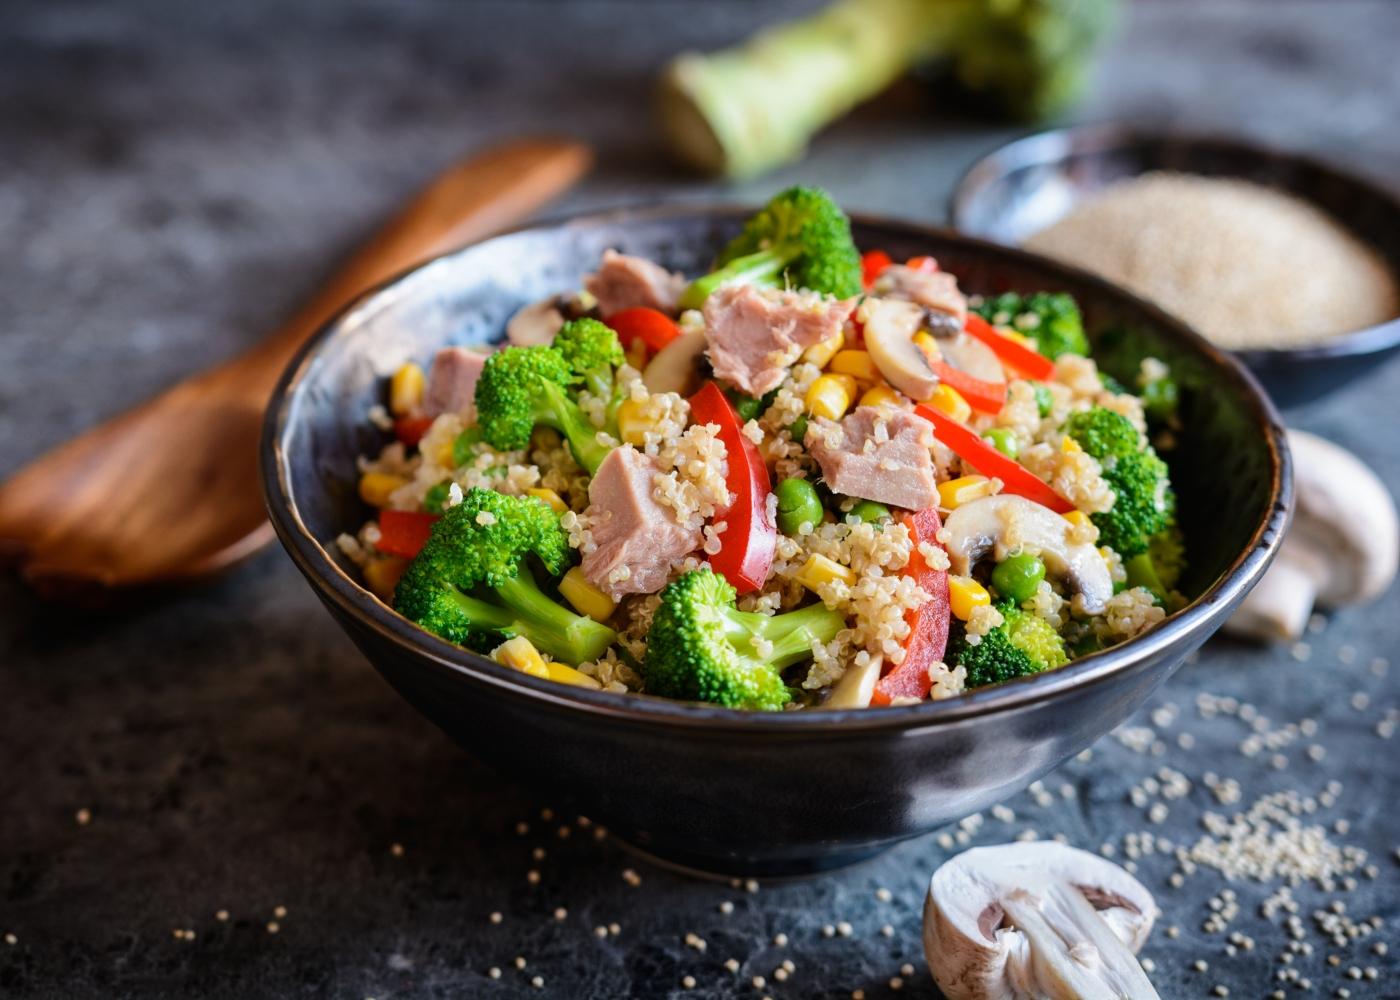 prato escuro com salada de atum e pimentos